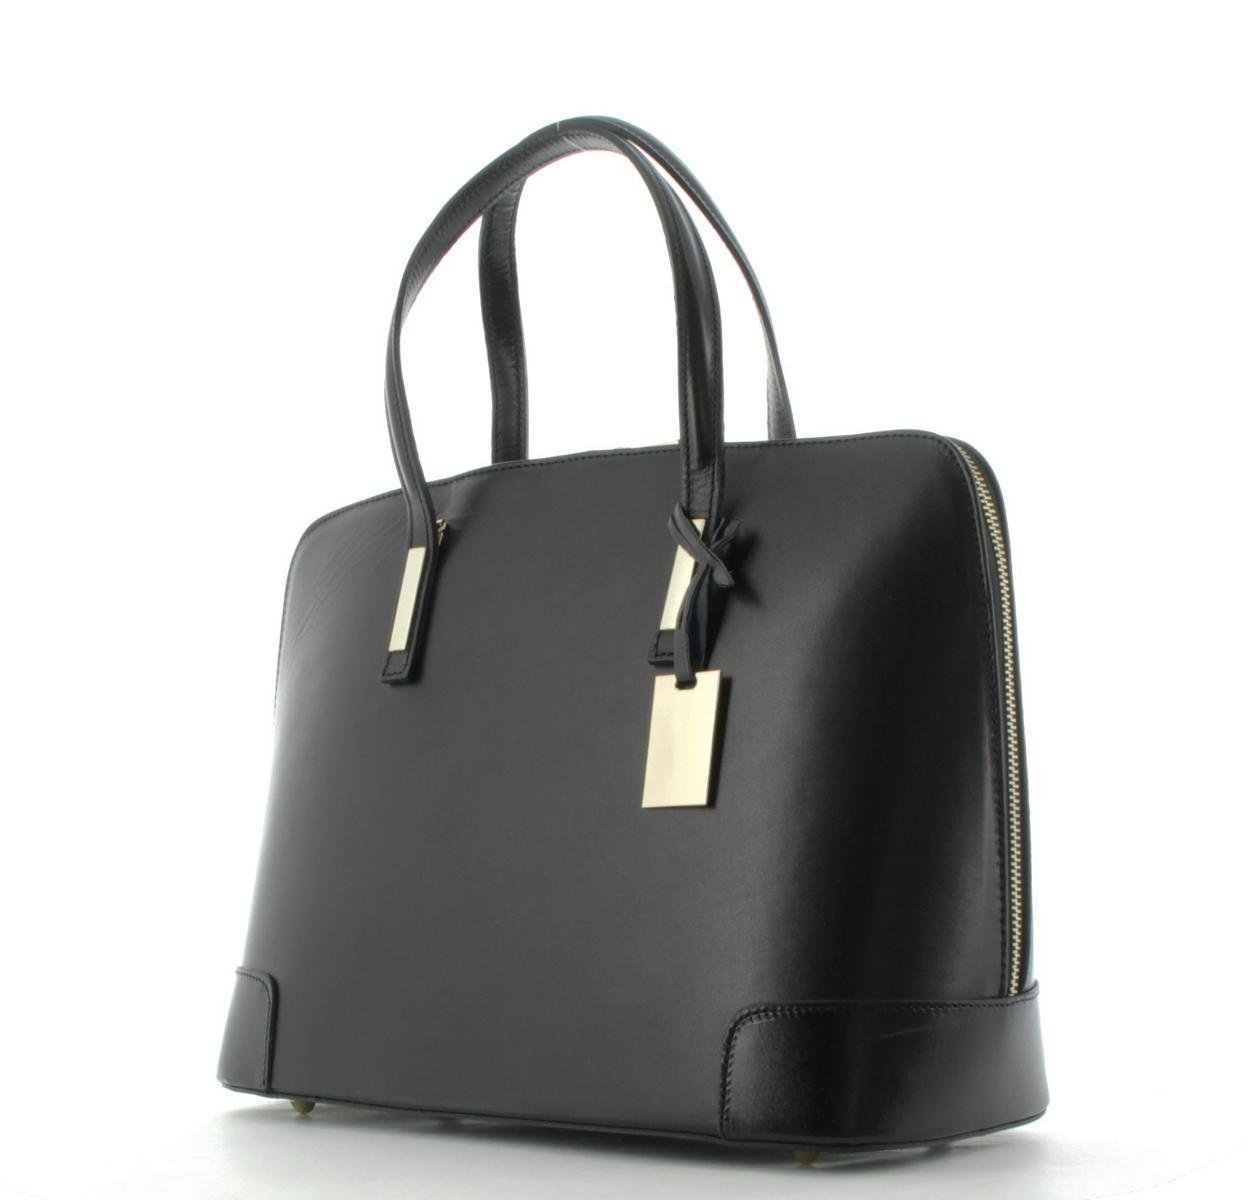 JSI dam handväska handväska handväska handväska bärväska 154–1 svart